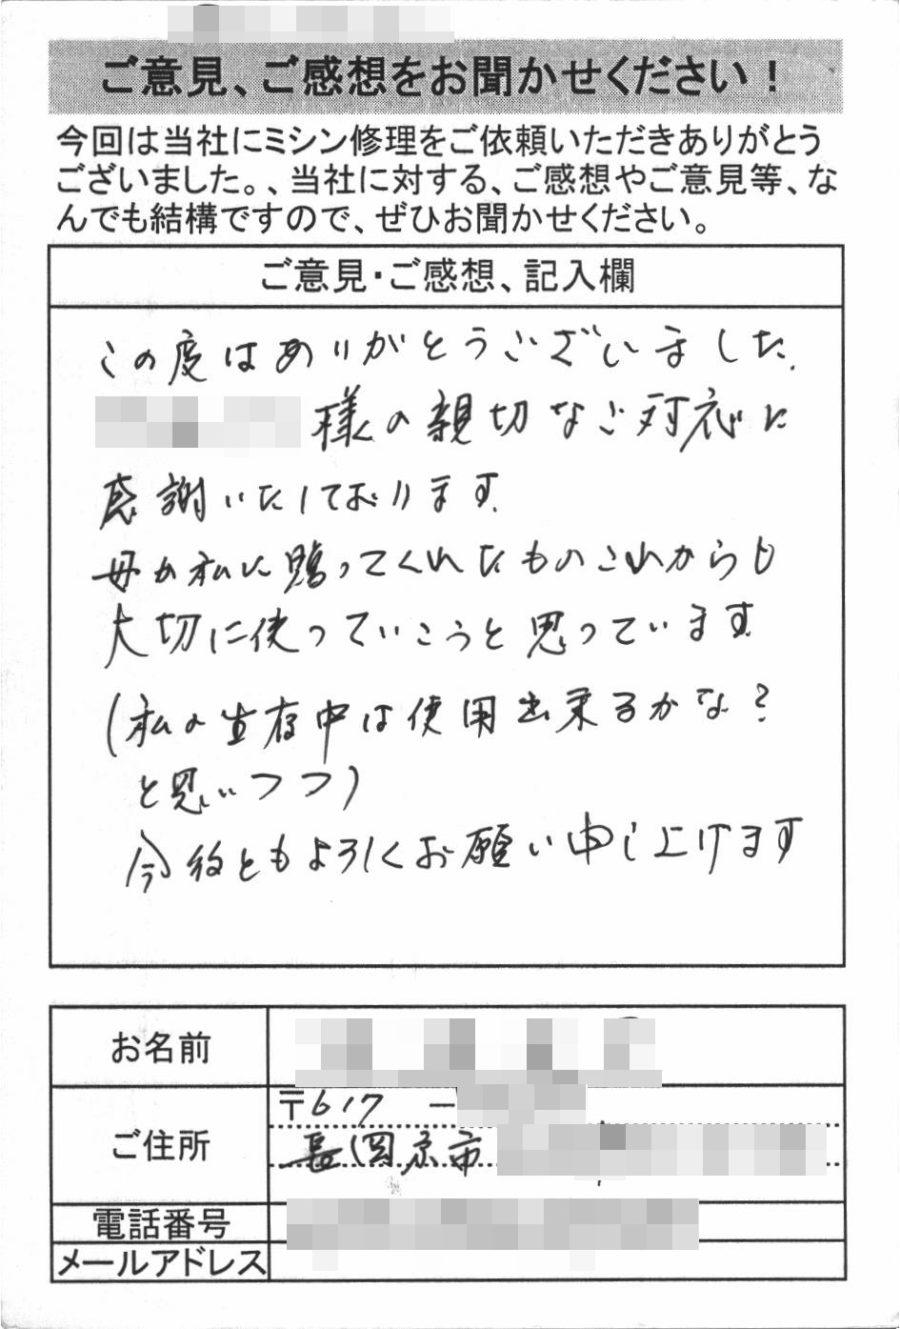 長岡京市からミシン修理のお客様の声